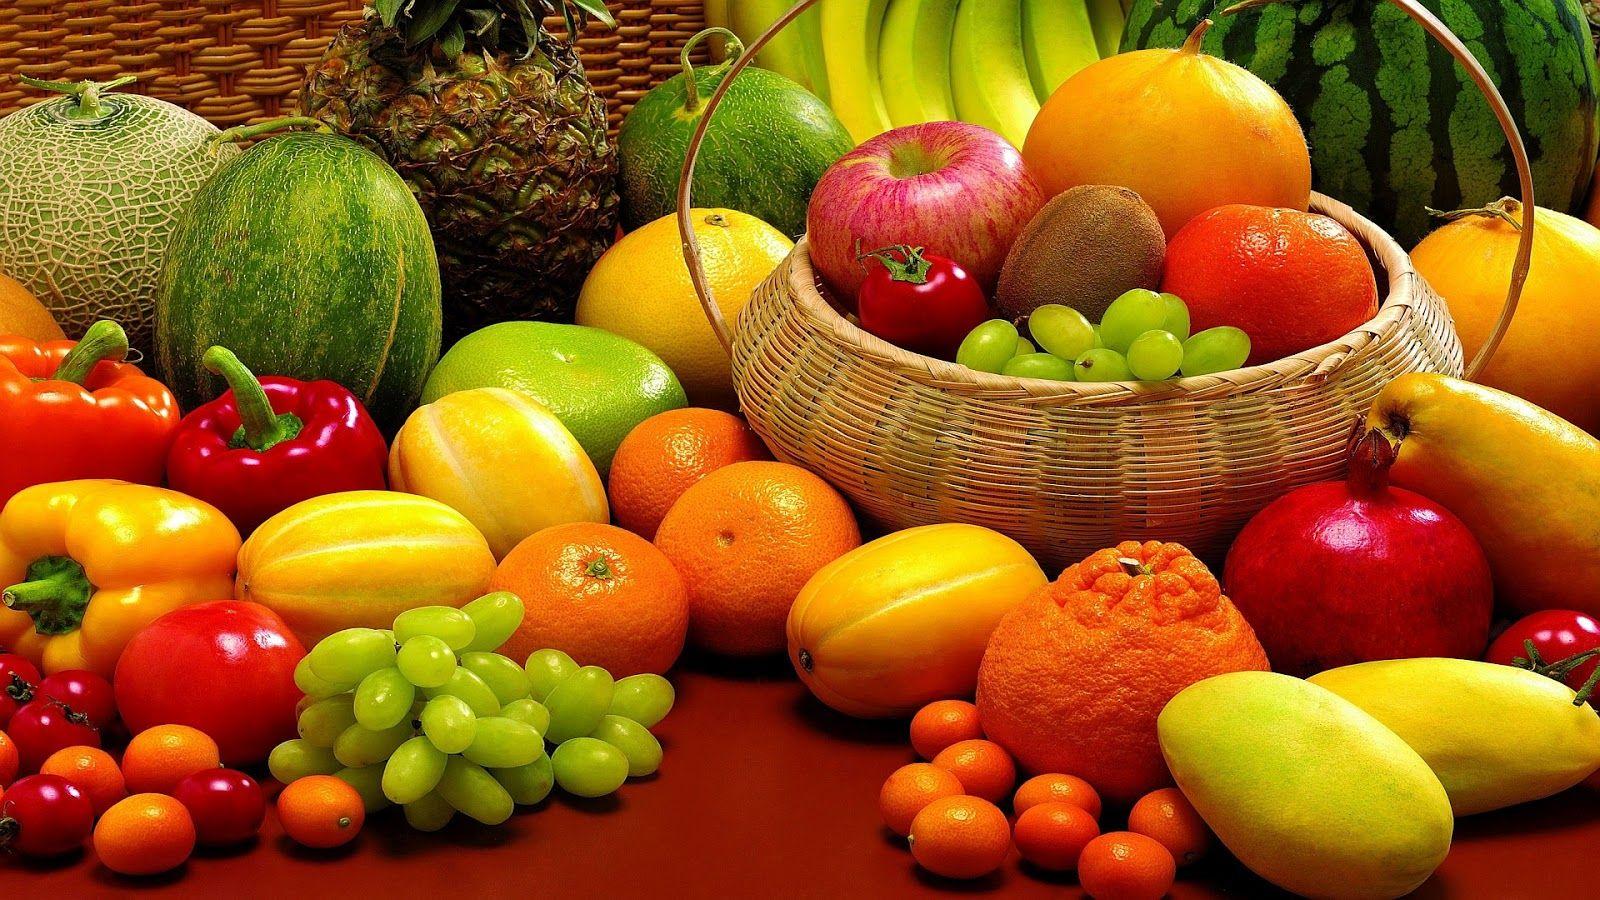 ผลการค้นหารูปภาพสำหรับ buah buahan